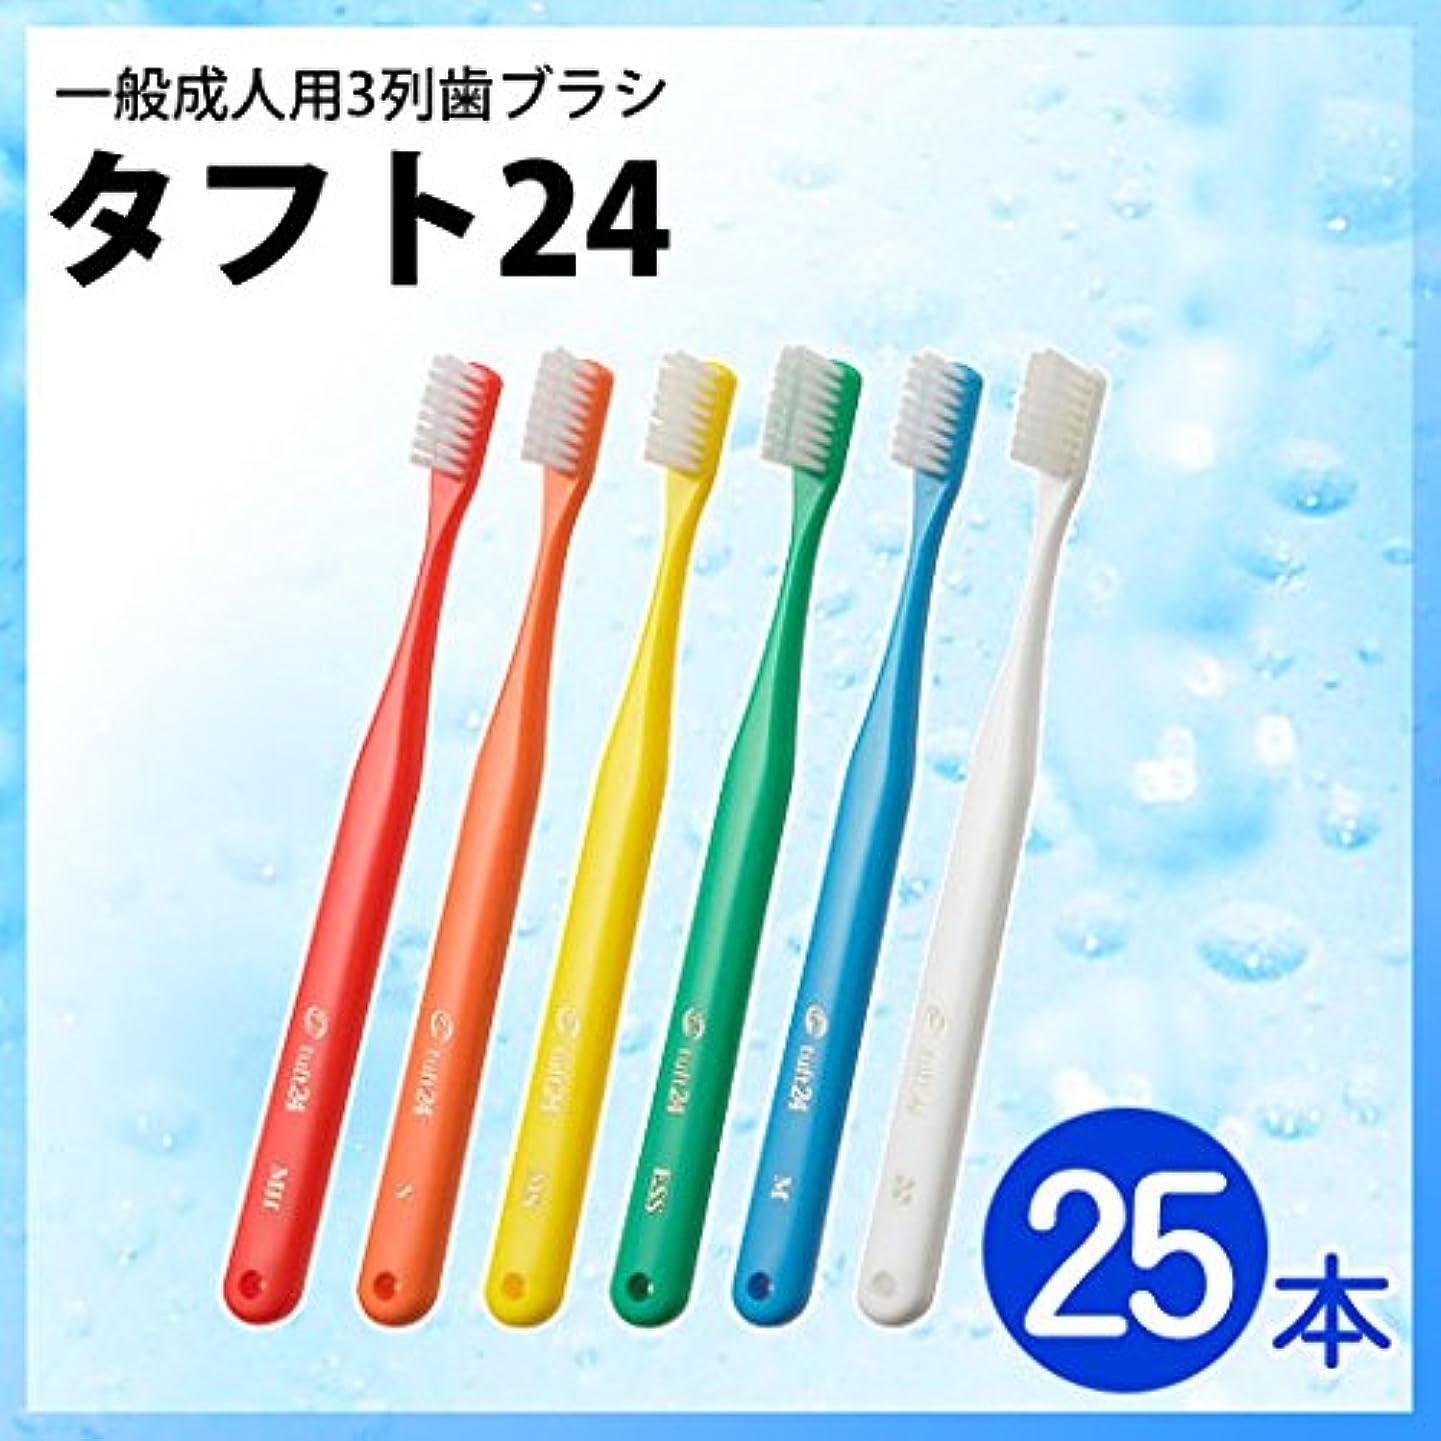 ドールハウスミサイルタフト24 【歯ブラシ/タフト】25本セットオーラルケア タフト24 一般成人用 3列歯ブラシ MS(ミディアムソフト) オレンジ